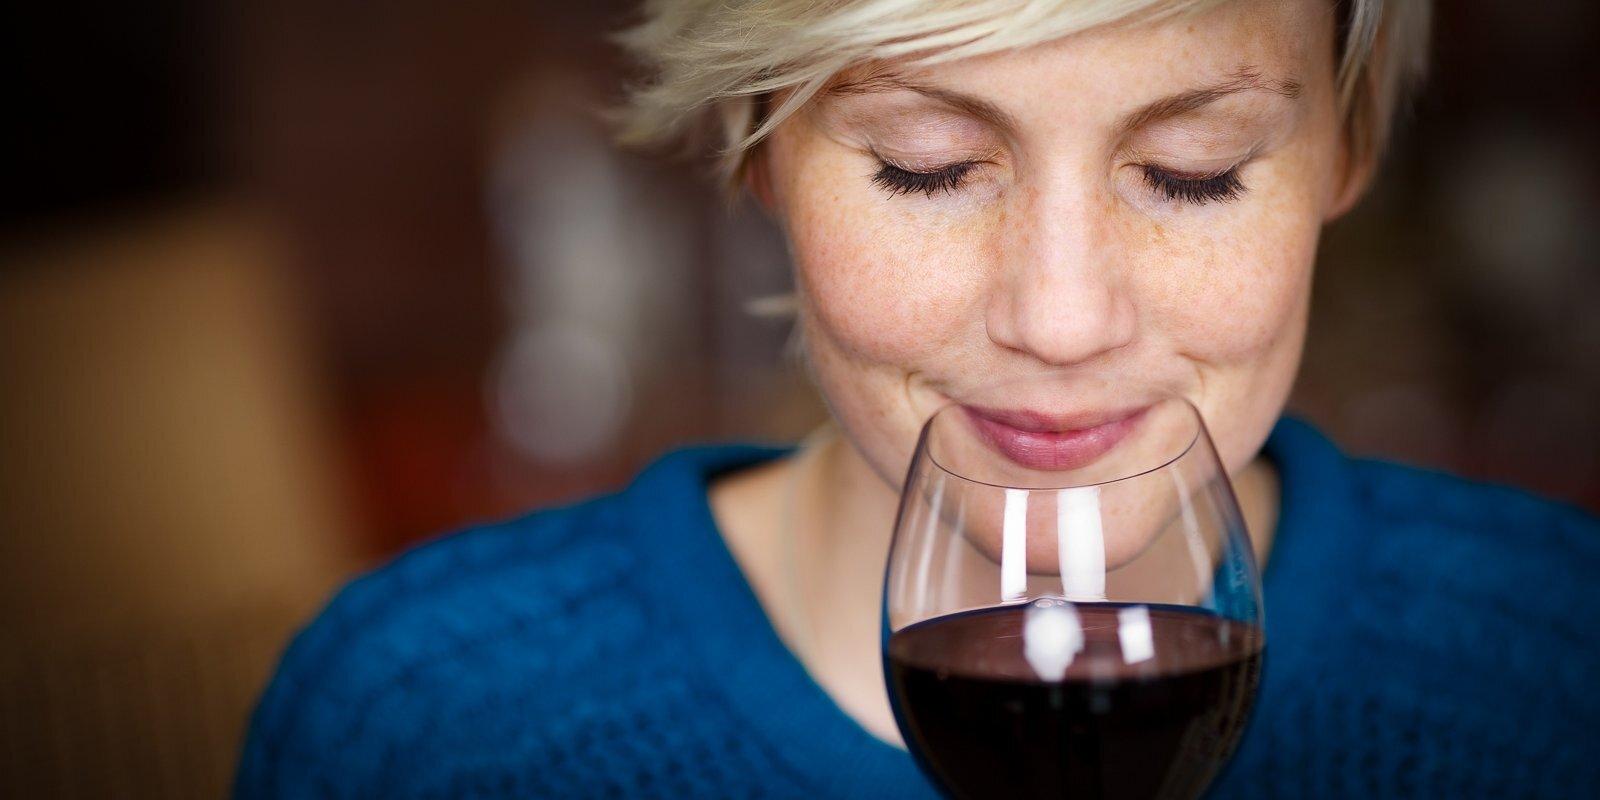 Ievads vīnu pasaulē: lielveikalā pirkts un vienkāršs nenozīmē slikts